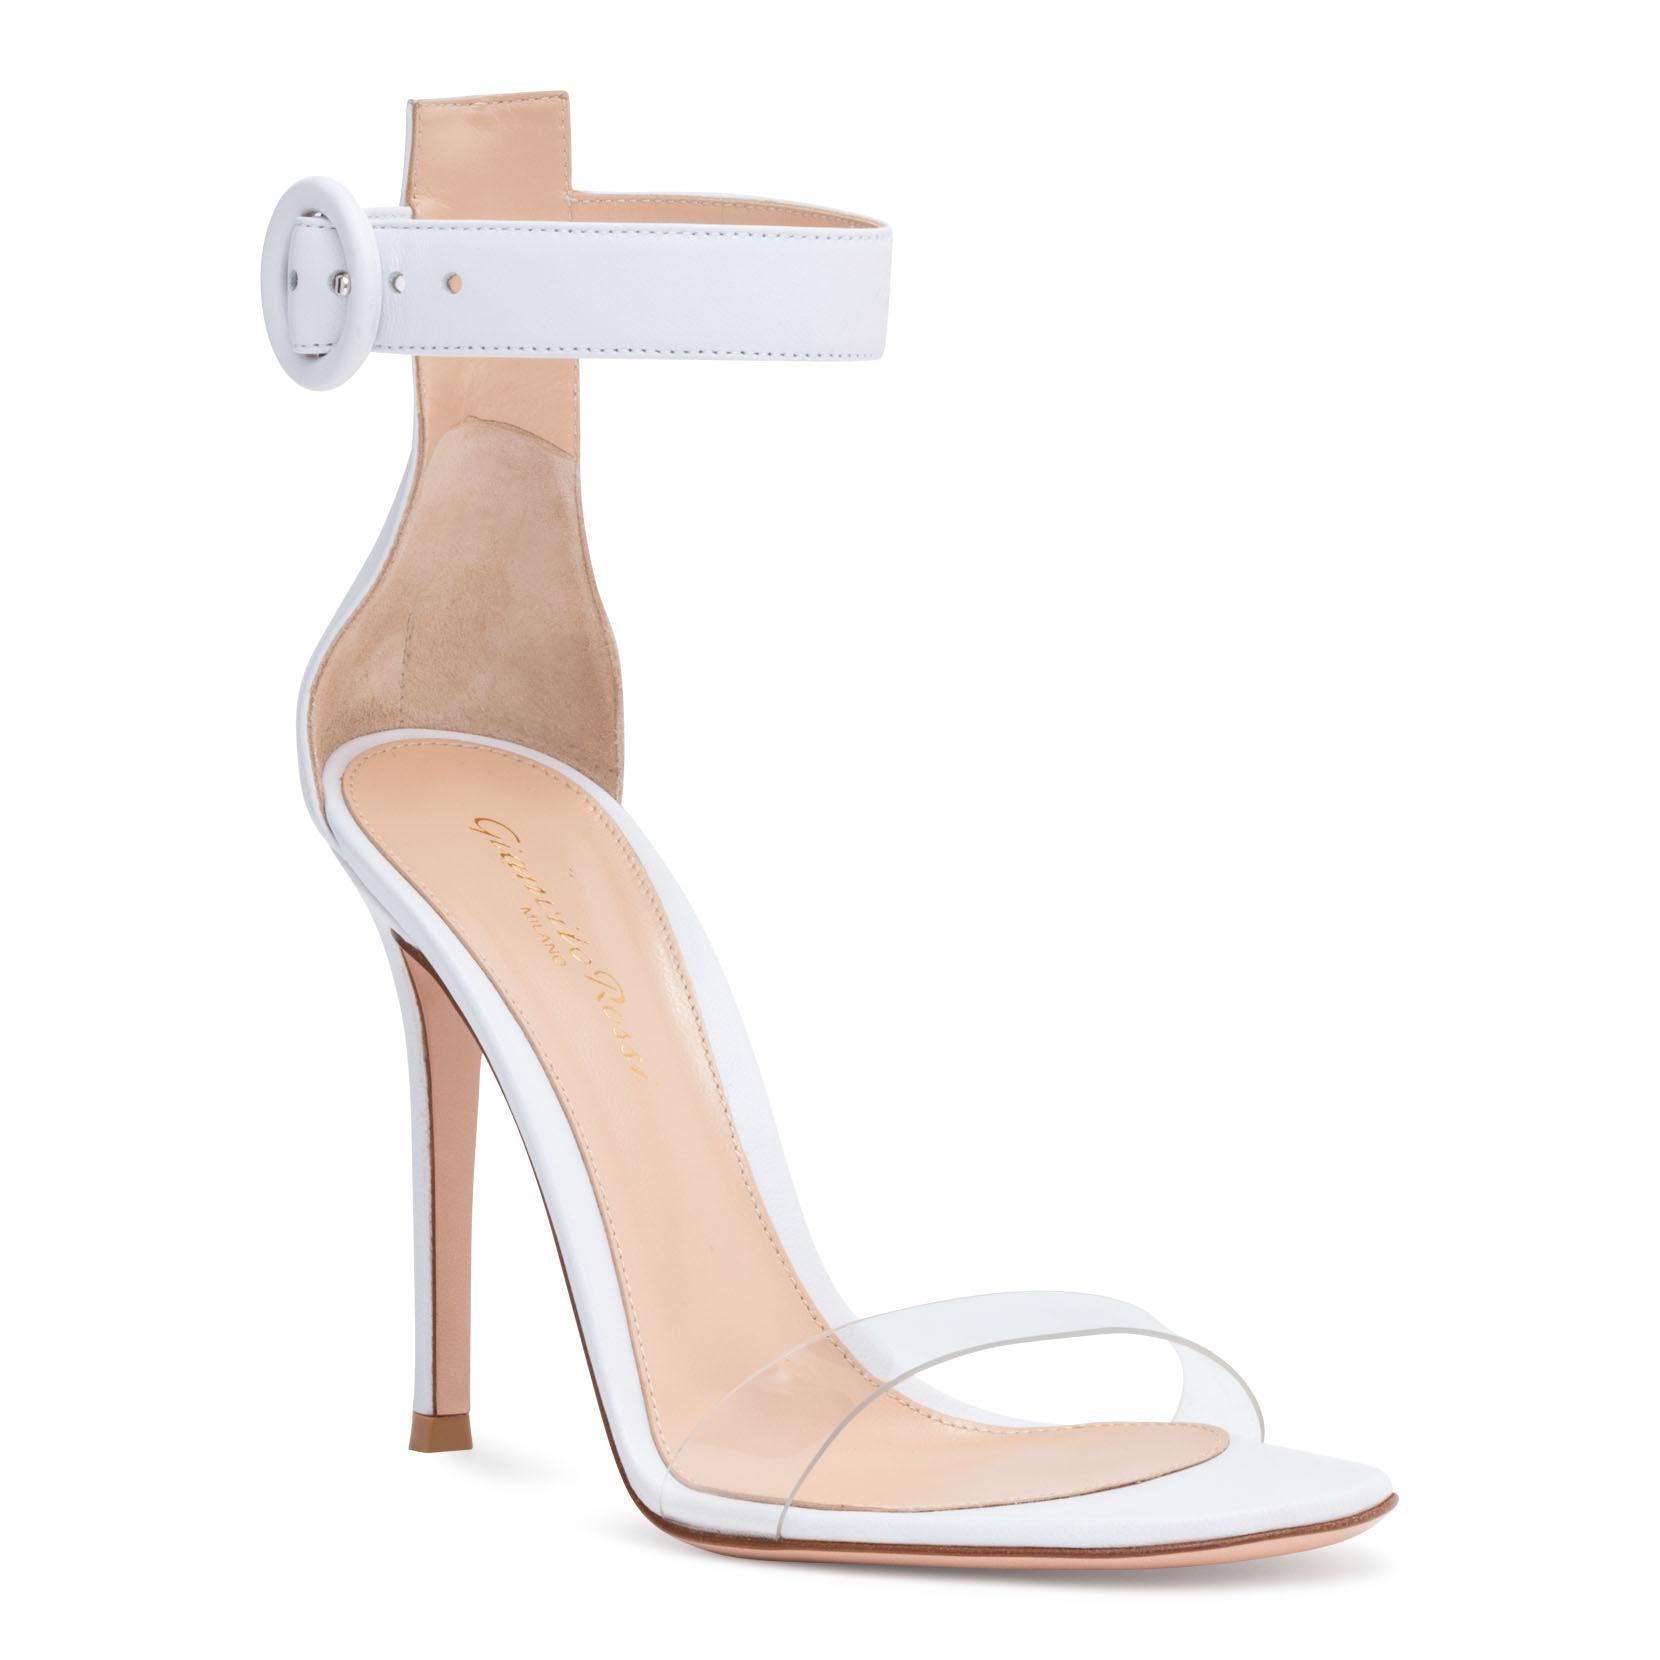 115df957a6c Gianvito Rossi Stella 105 White Plexi Leather Sandals in White - Lyst